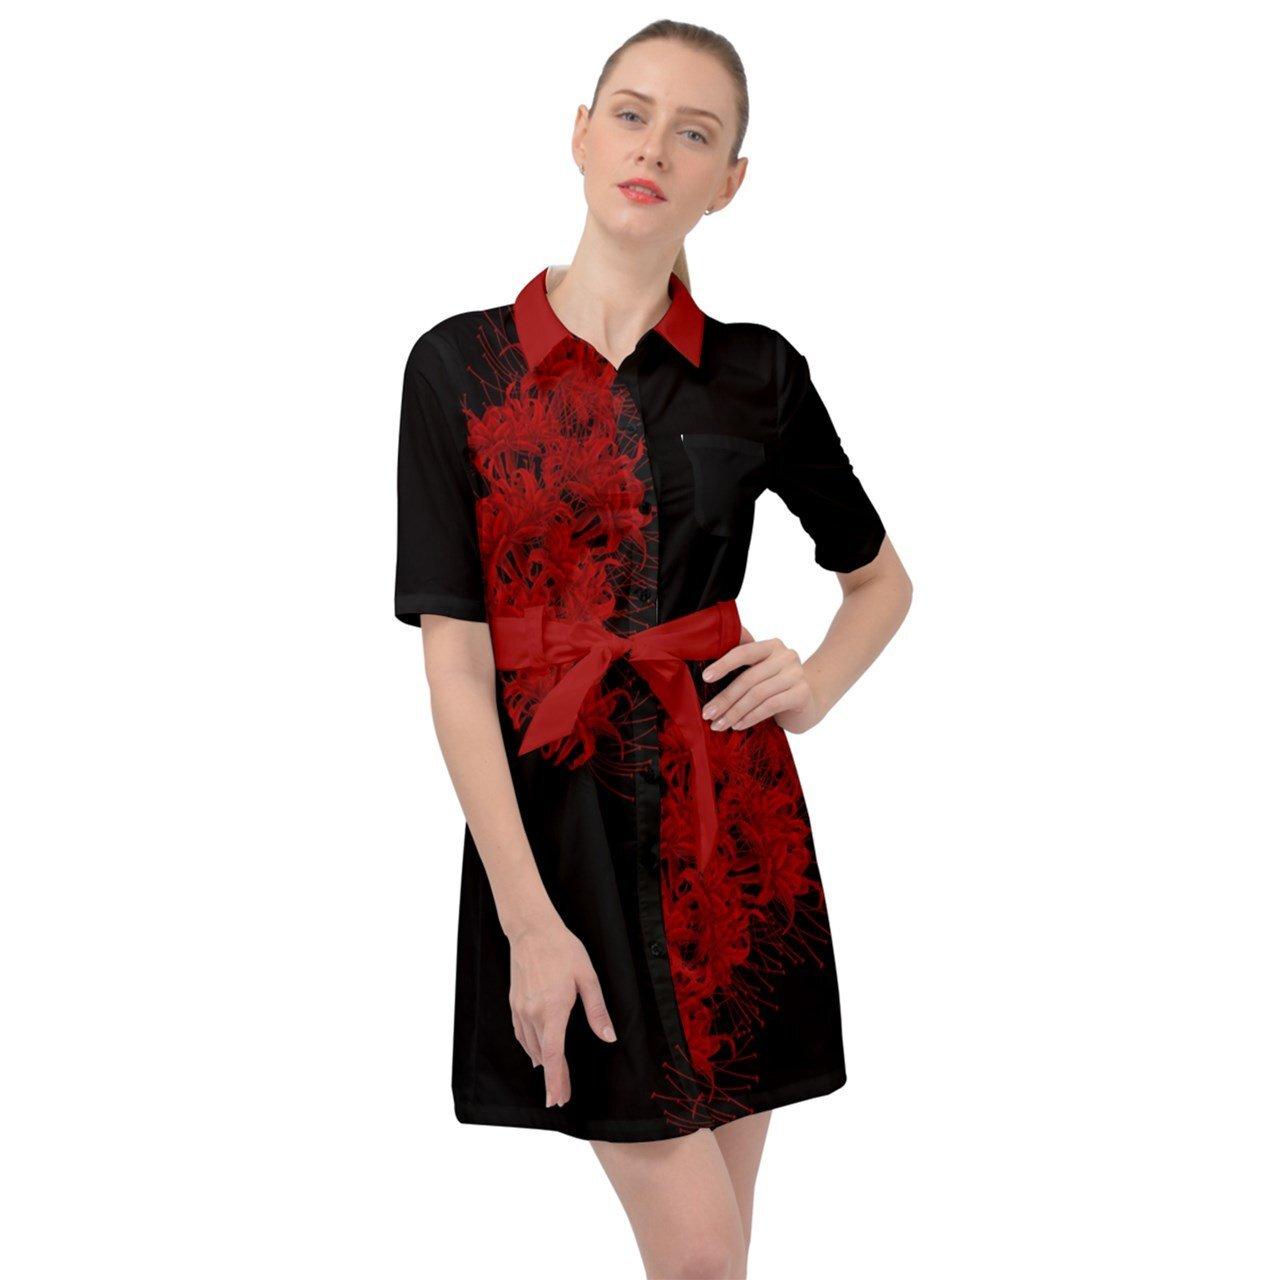 曼殊沙華 ベルテッドシャツドレス